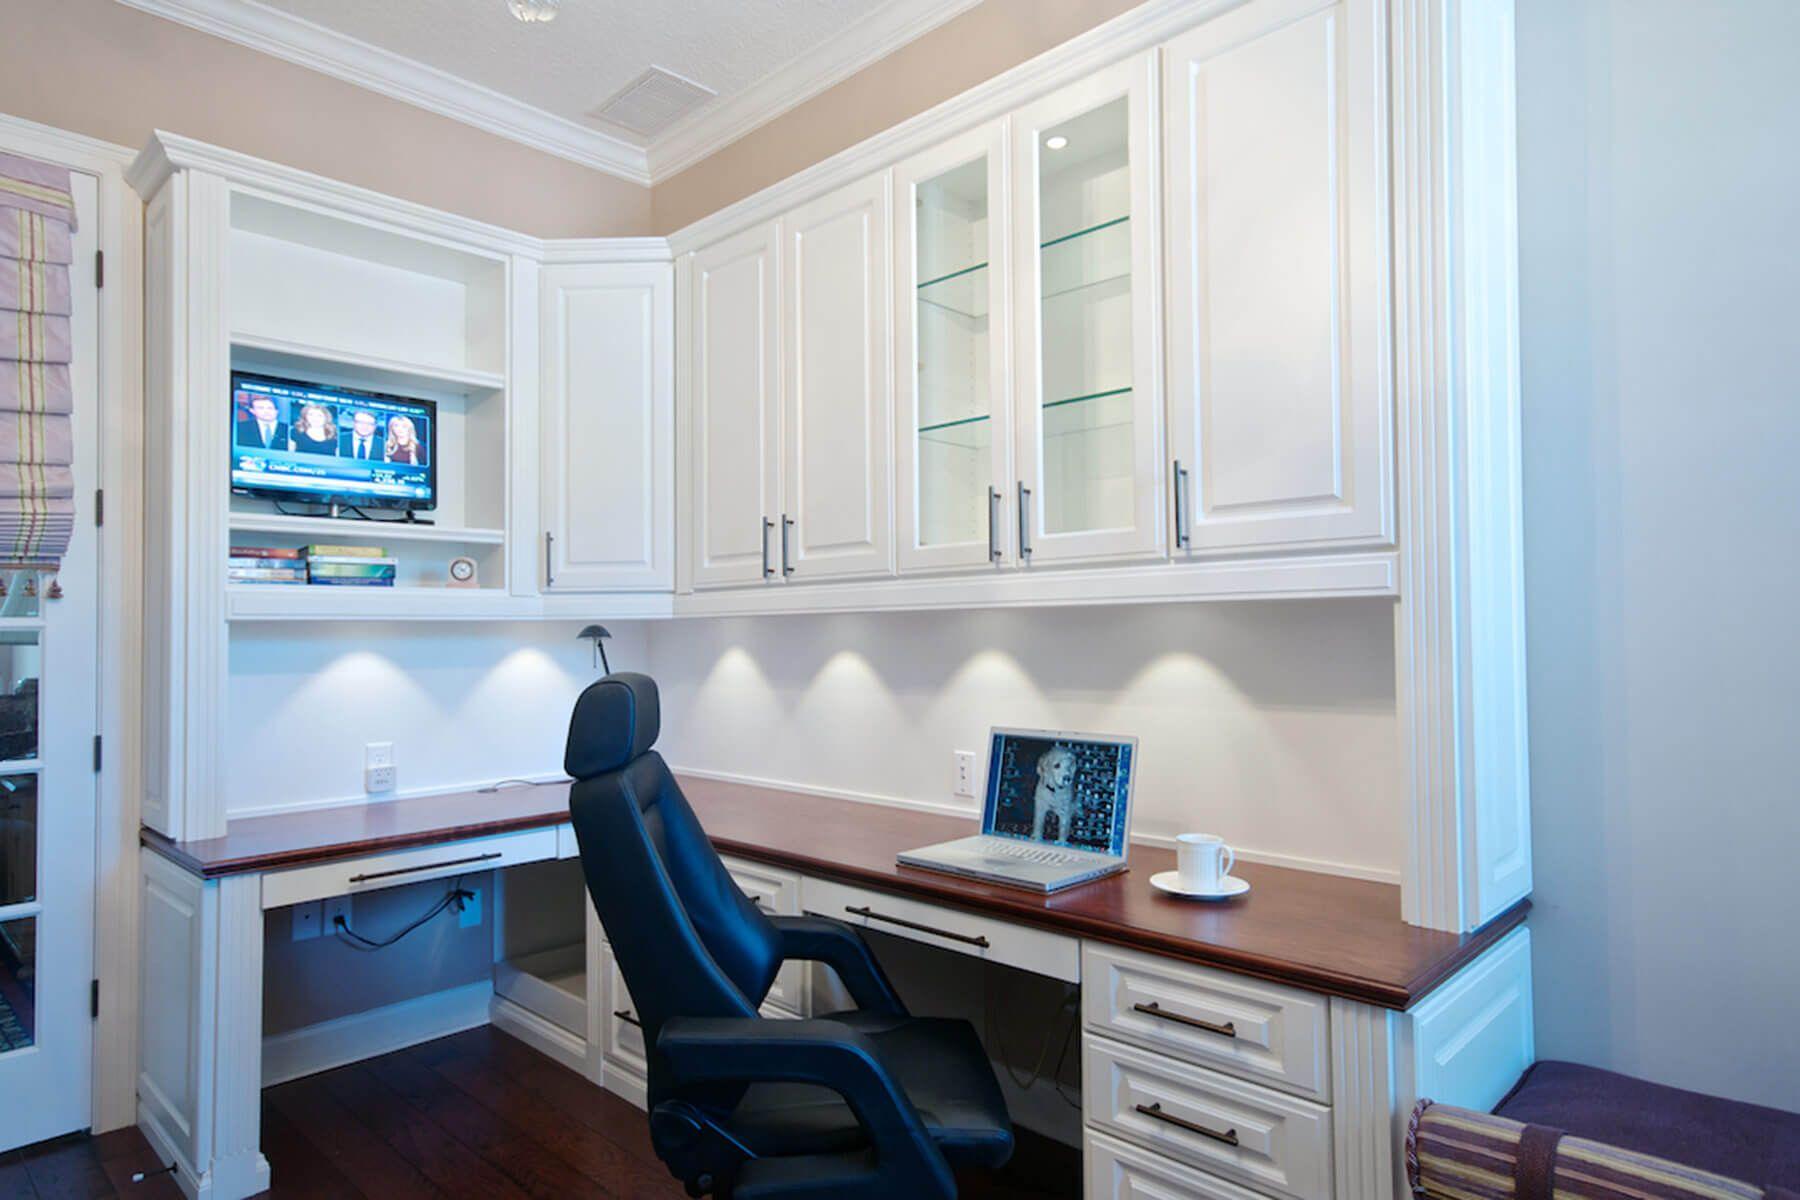 study built ins coronado contemporary home office. 26 Home Office Designs (Desks \u0026 Shelving) By Closet Factory . Study Built Ins Coronado Contemporary